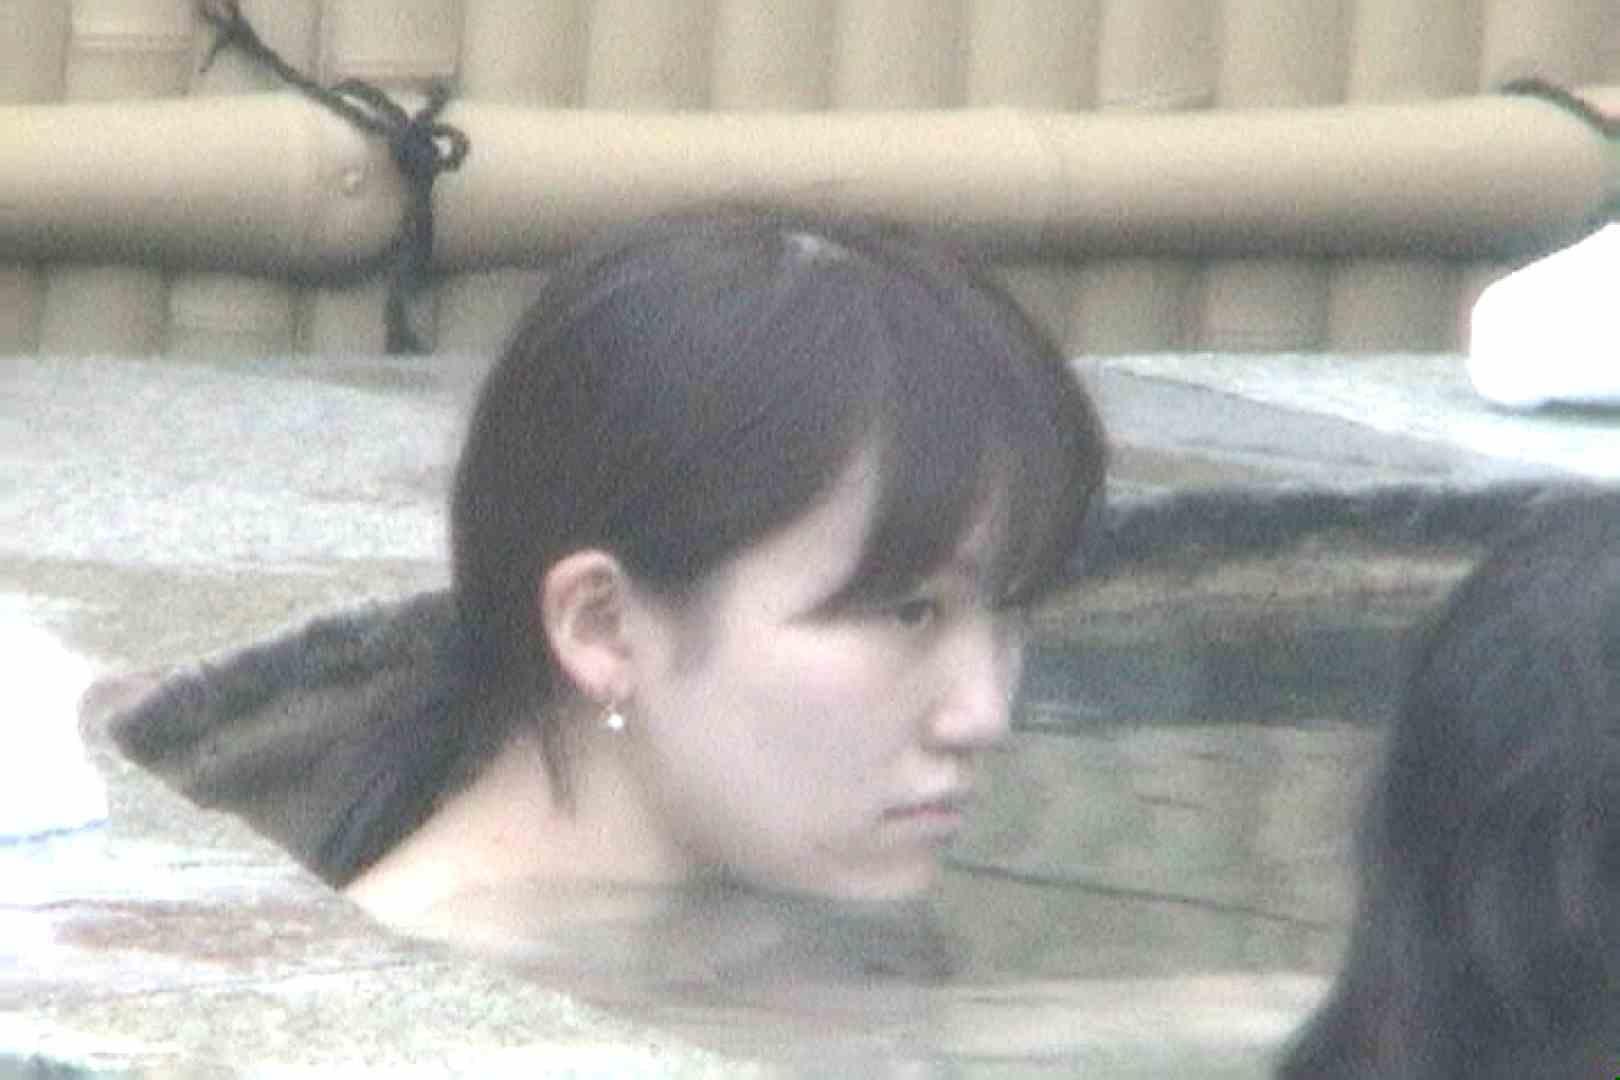 Aquaな露天風呂Vol.79【VIP限定】 露天風呂 | 盗撮動画  11枚 5